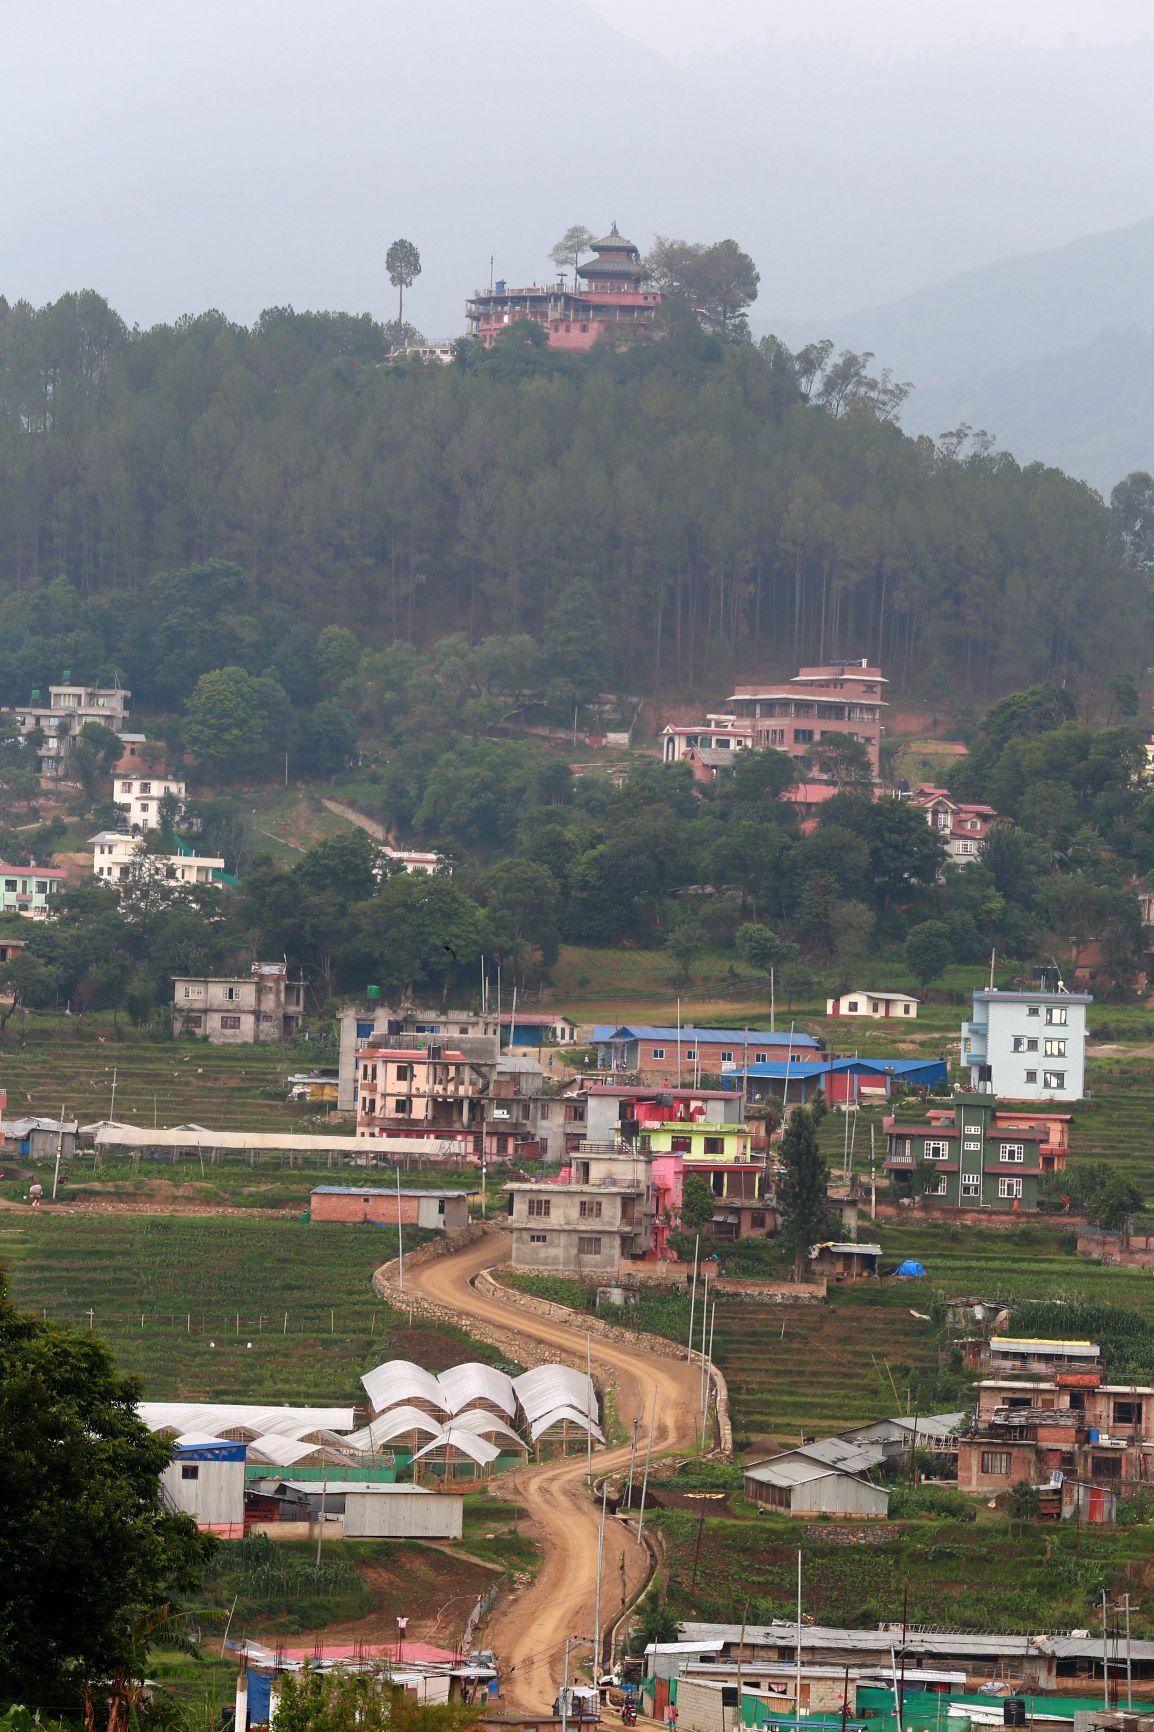 ललितपुरको धापाखेलबाट खिचिएको सन्तानेश्वर महादेव आसपासको सुनसान क्षेत्र । प्रदीपराज वन्त/रासस